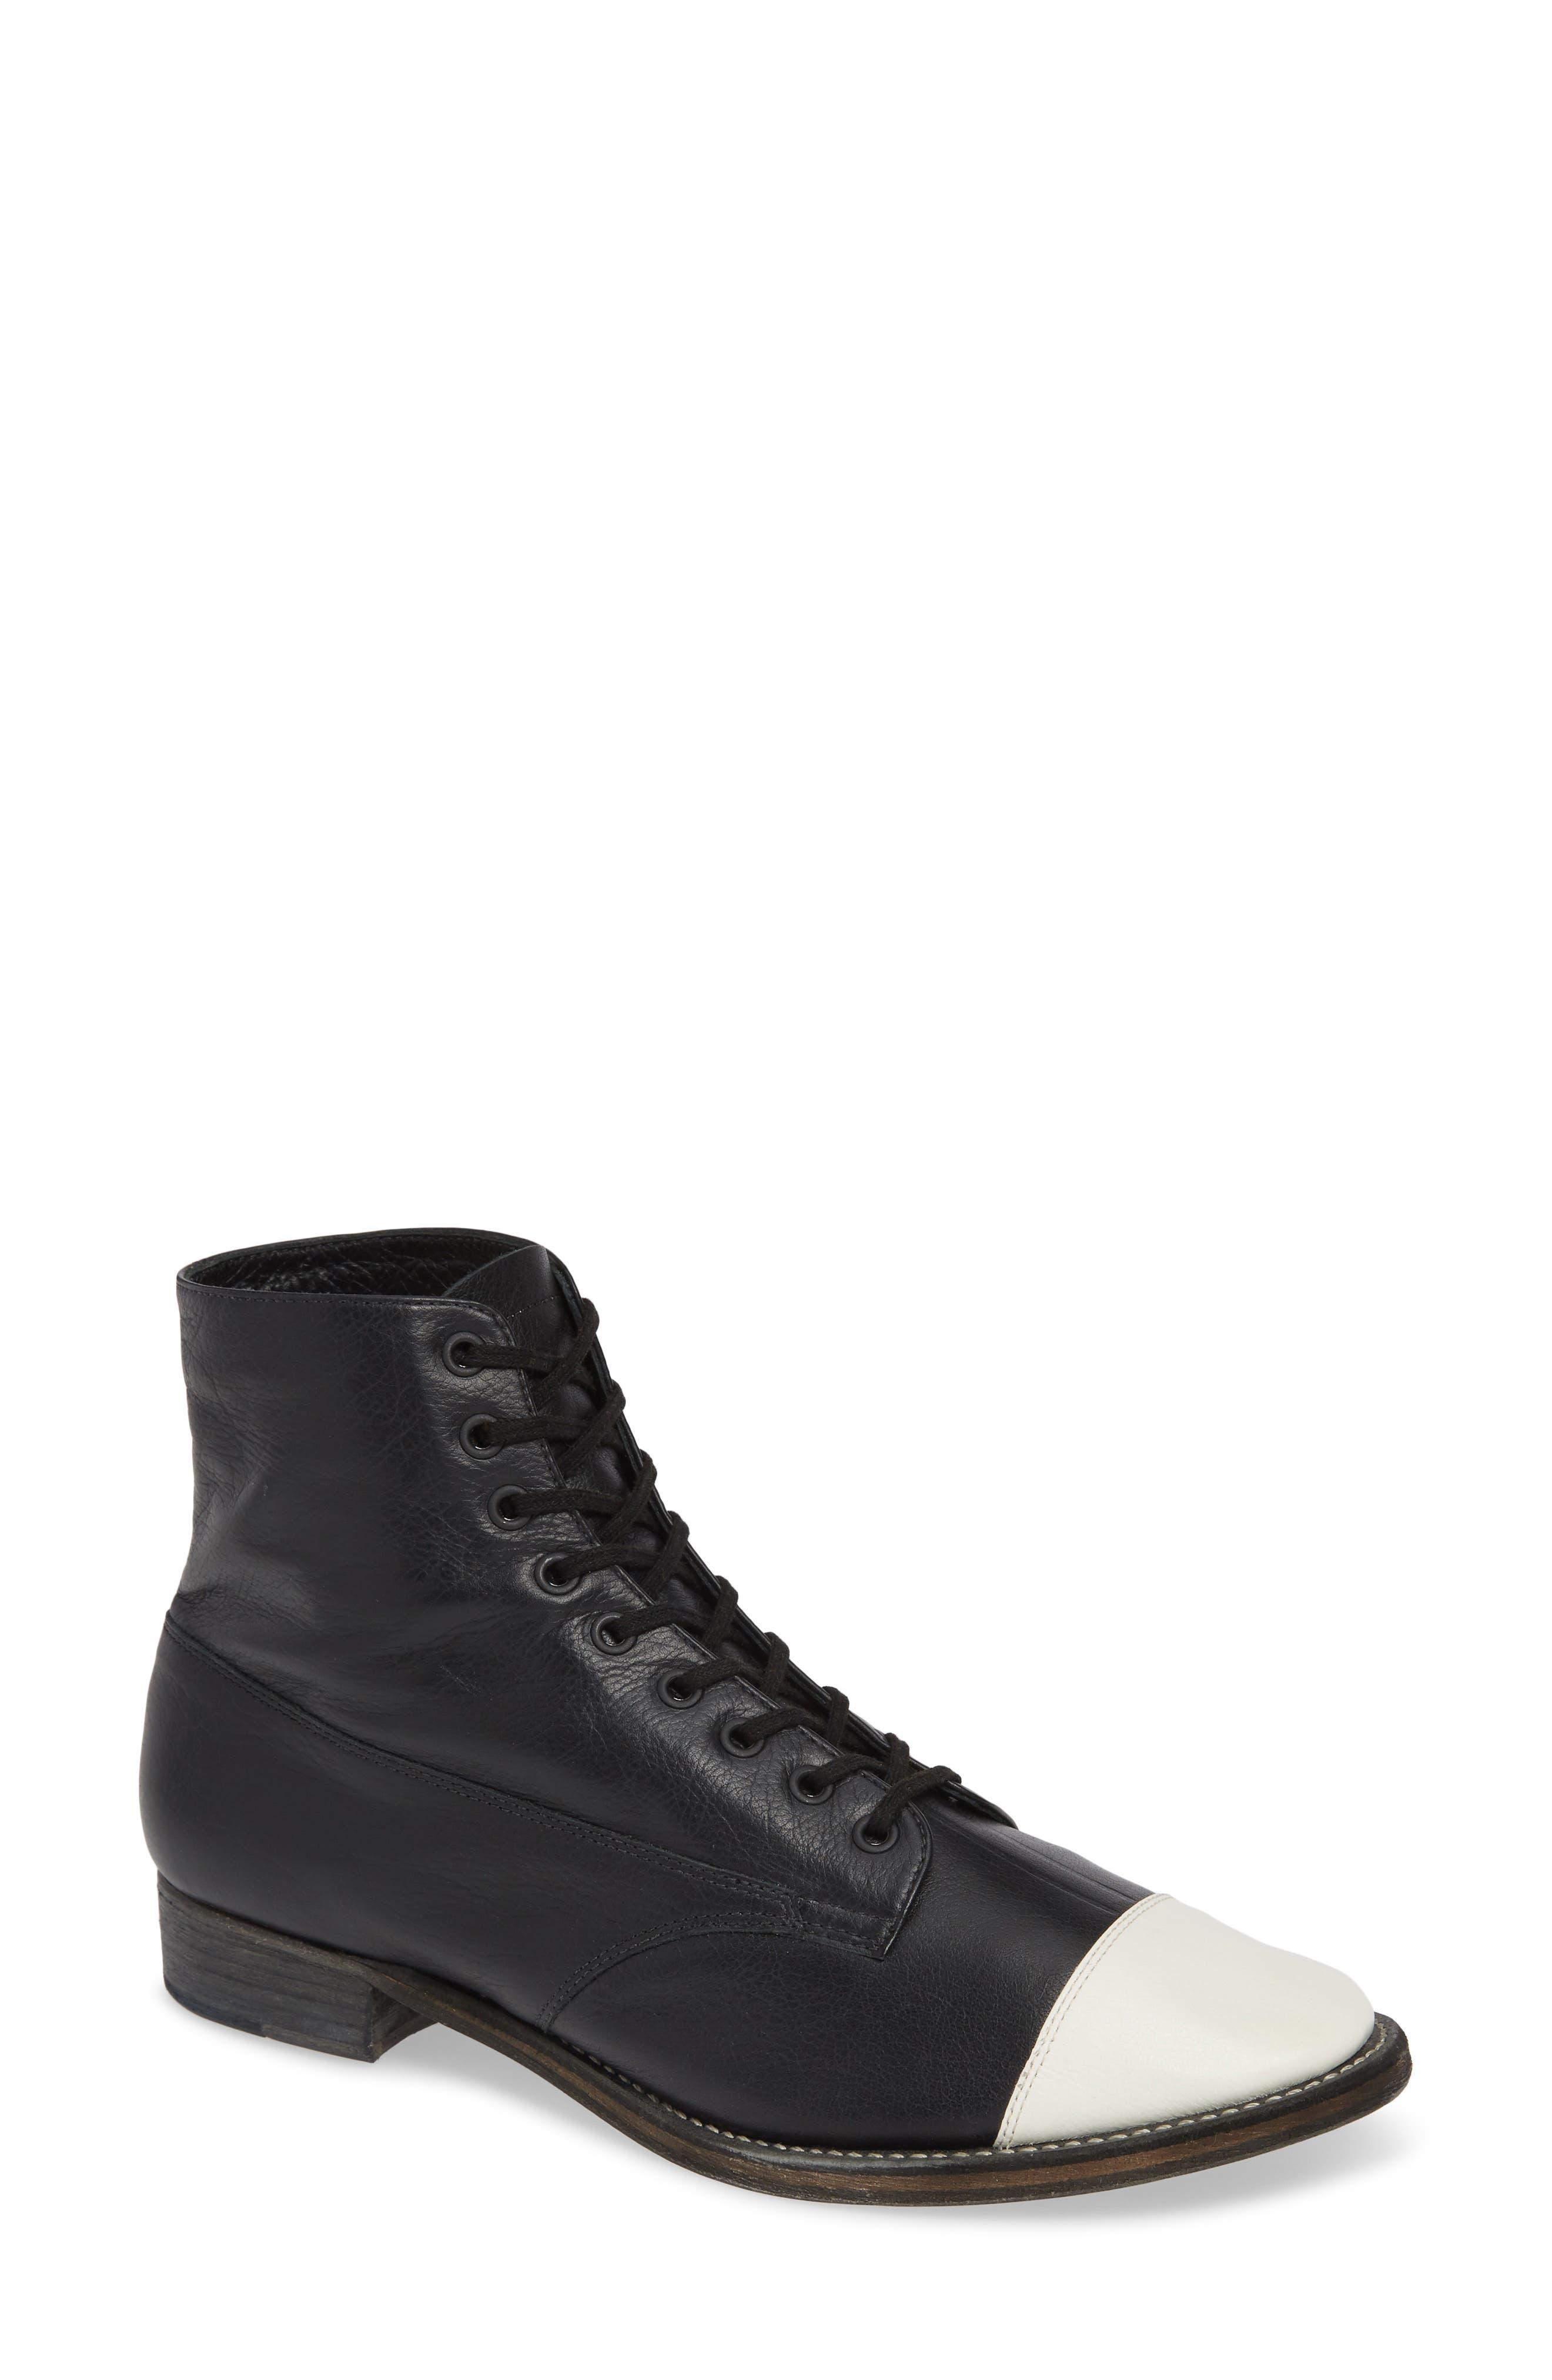 Boxcar Cap-Toe Boot,                         Main,                         color, BLACK